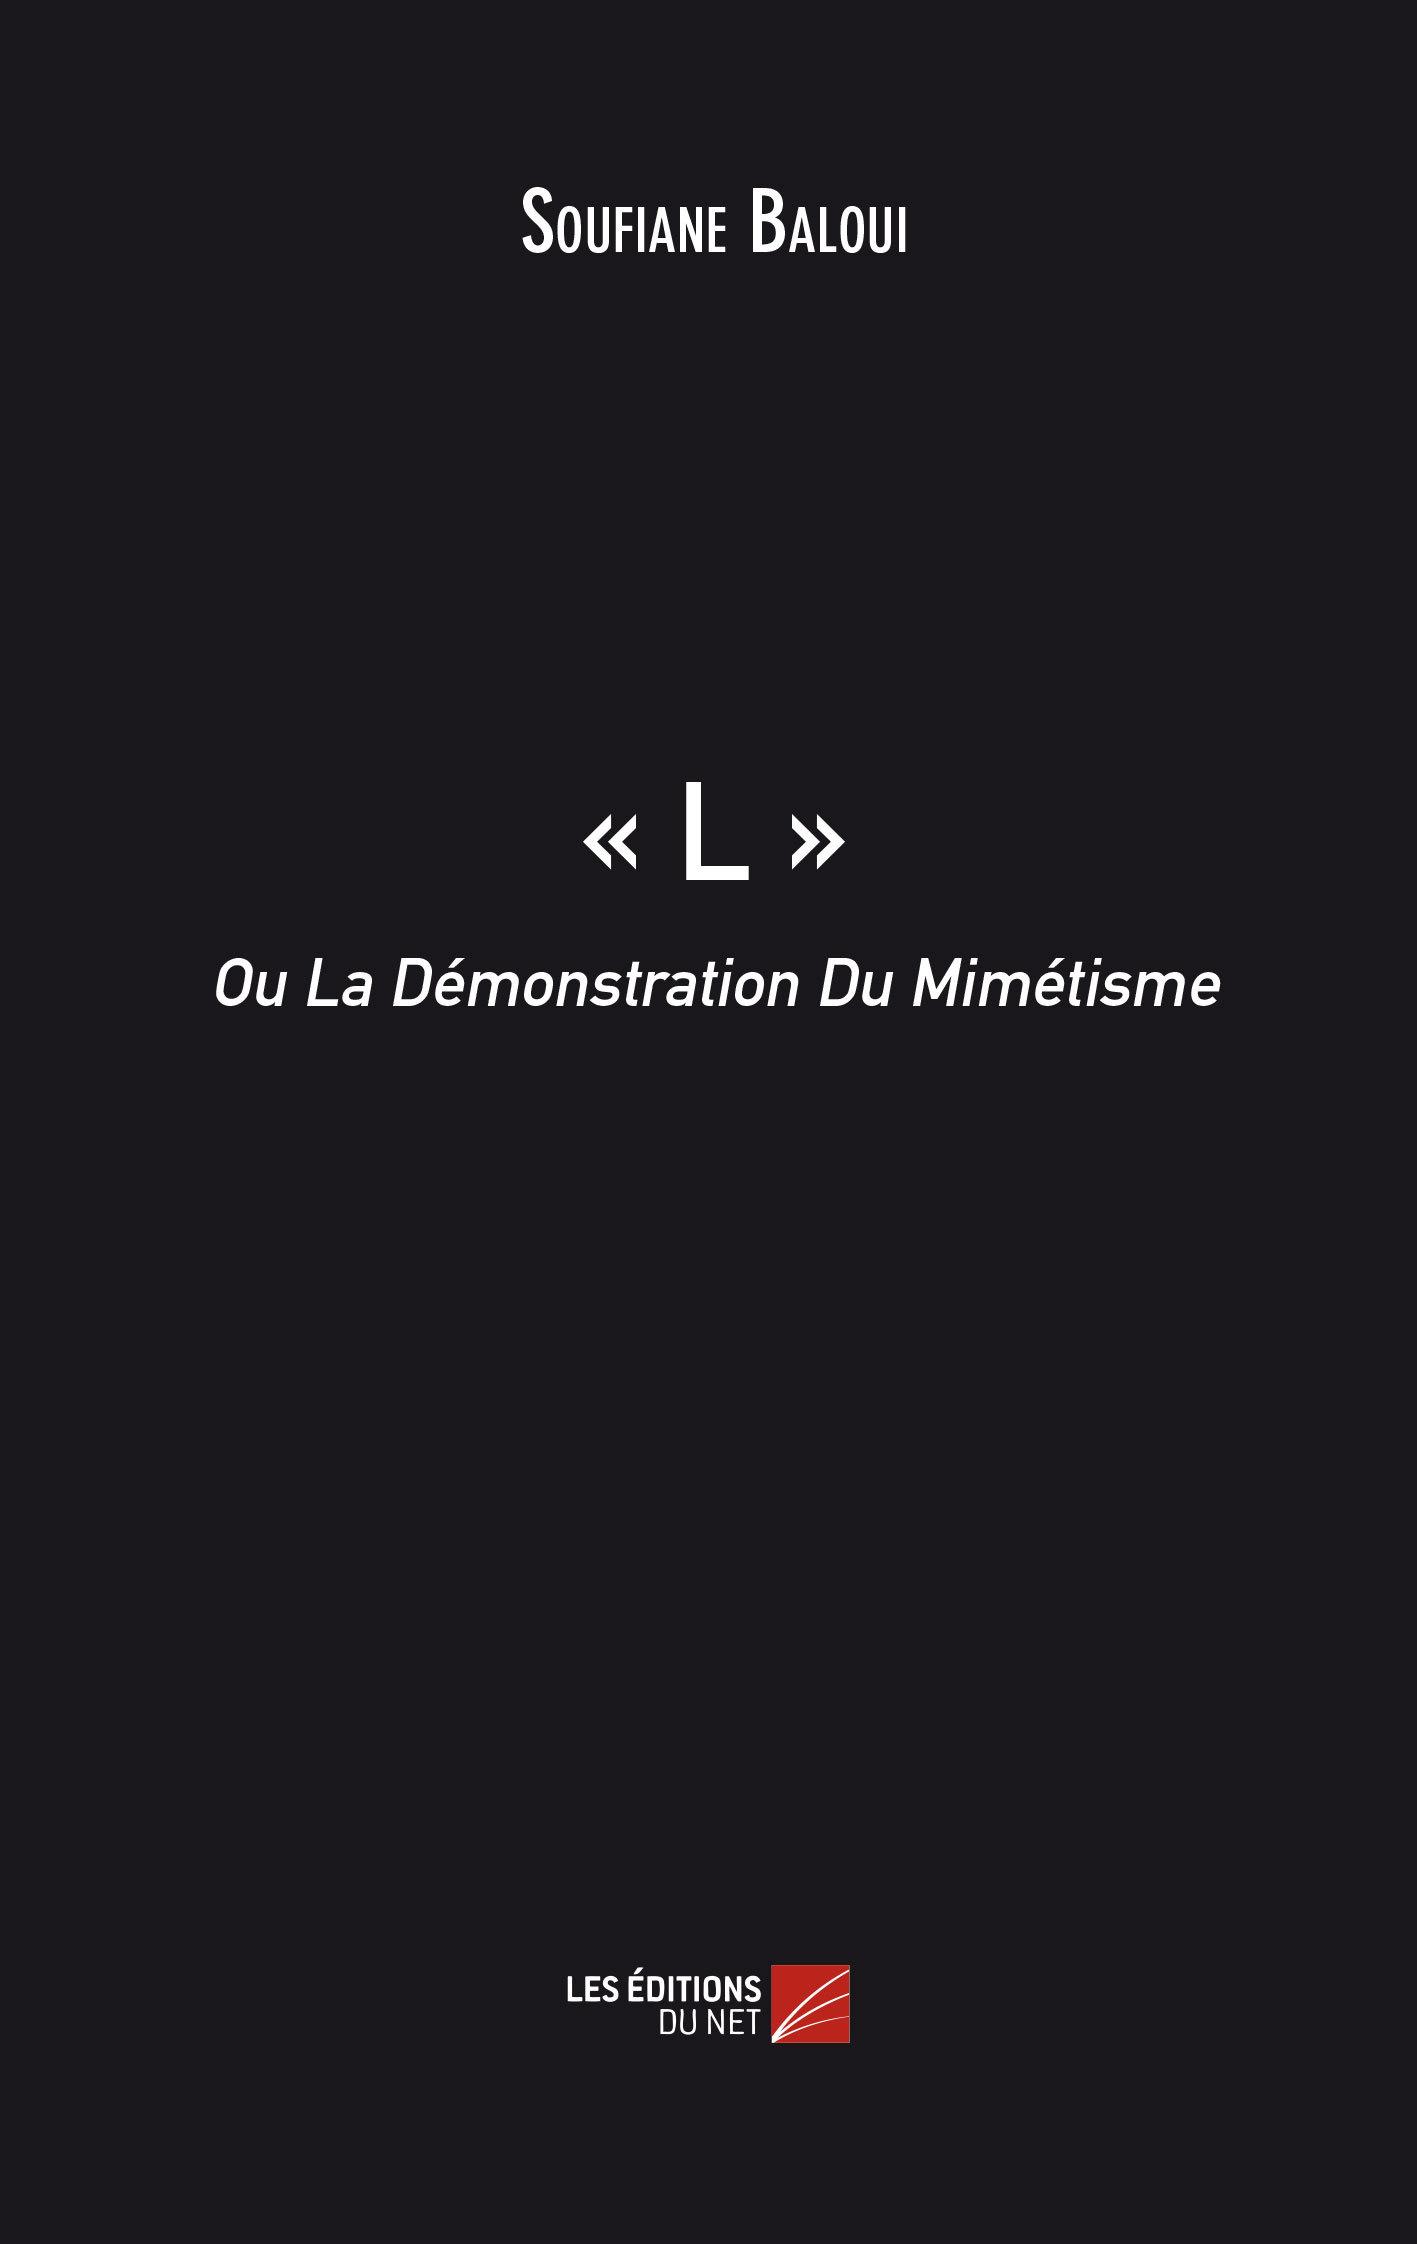 - L - OU LA DEMONSTRATION DU MIMETISME